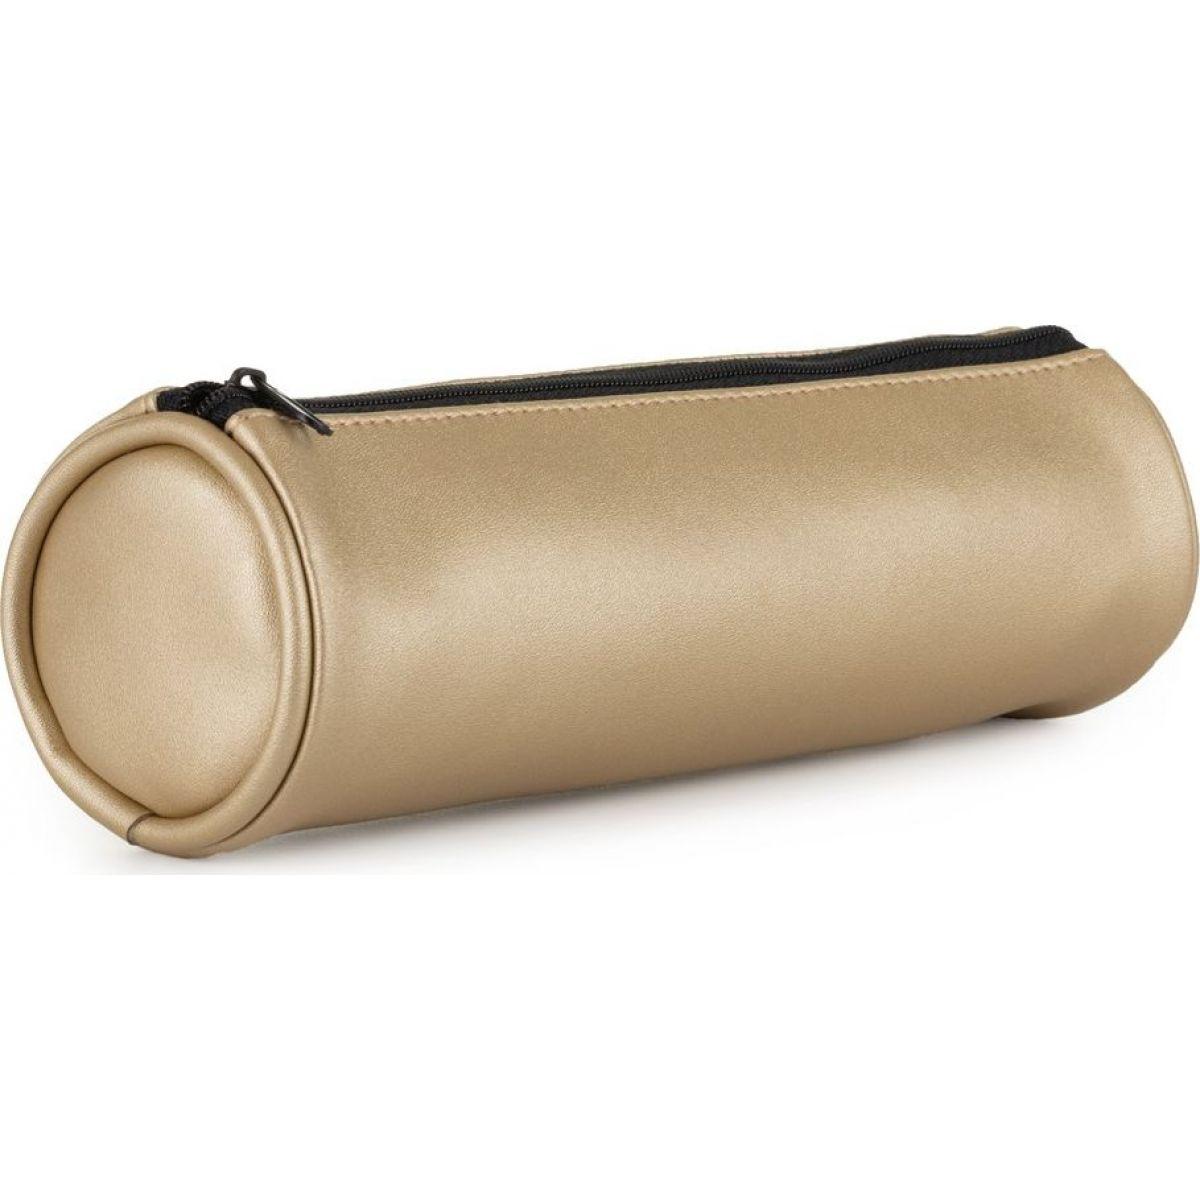 Karton P + P Púzdro etue PU guľatá Metallic zlatá